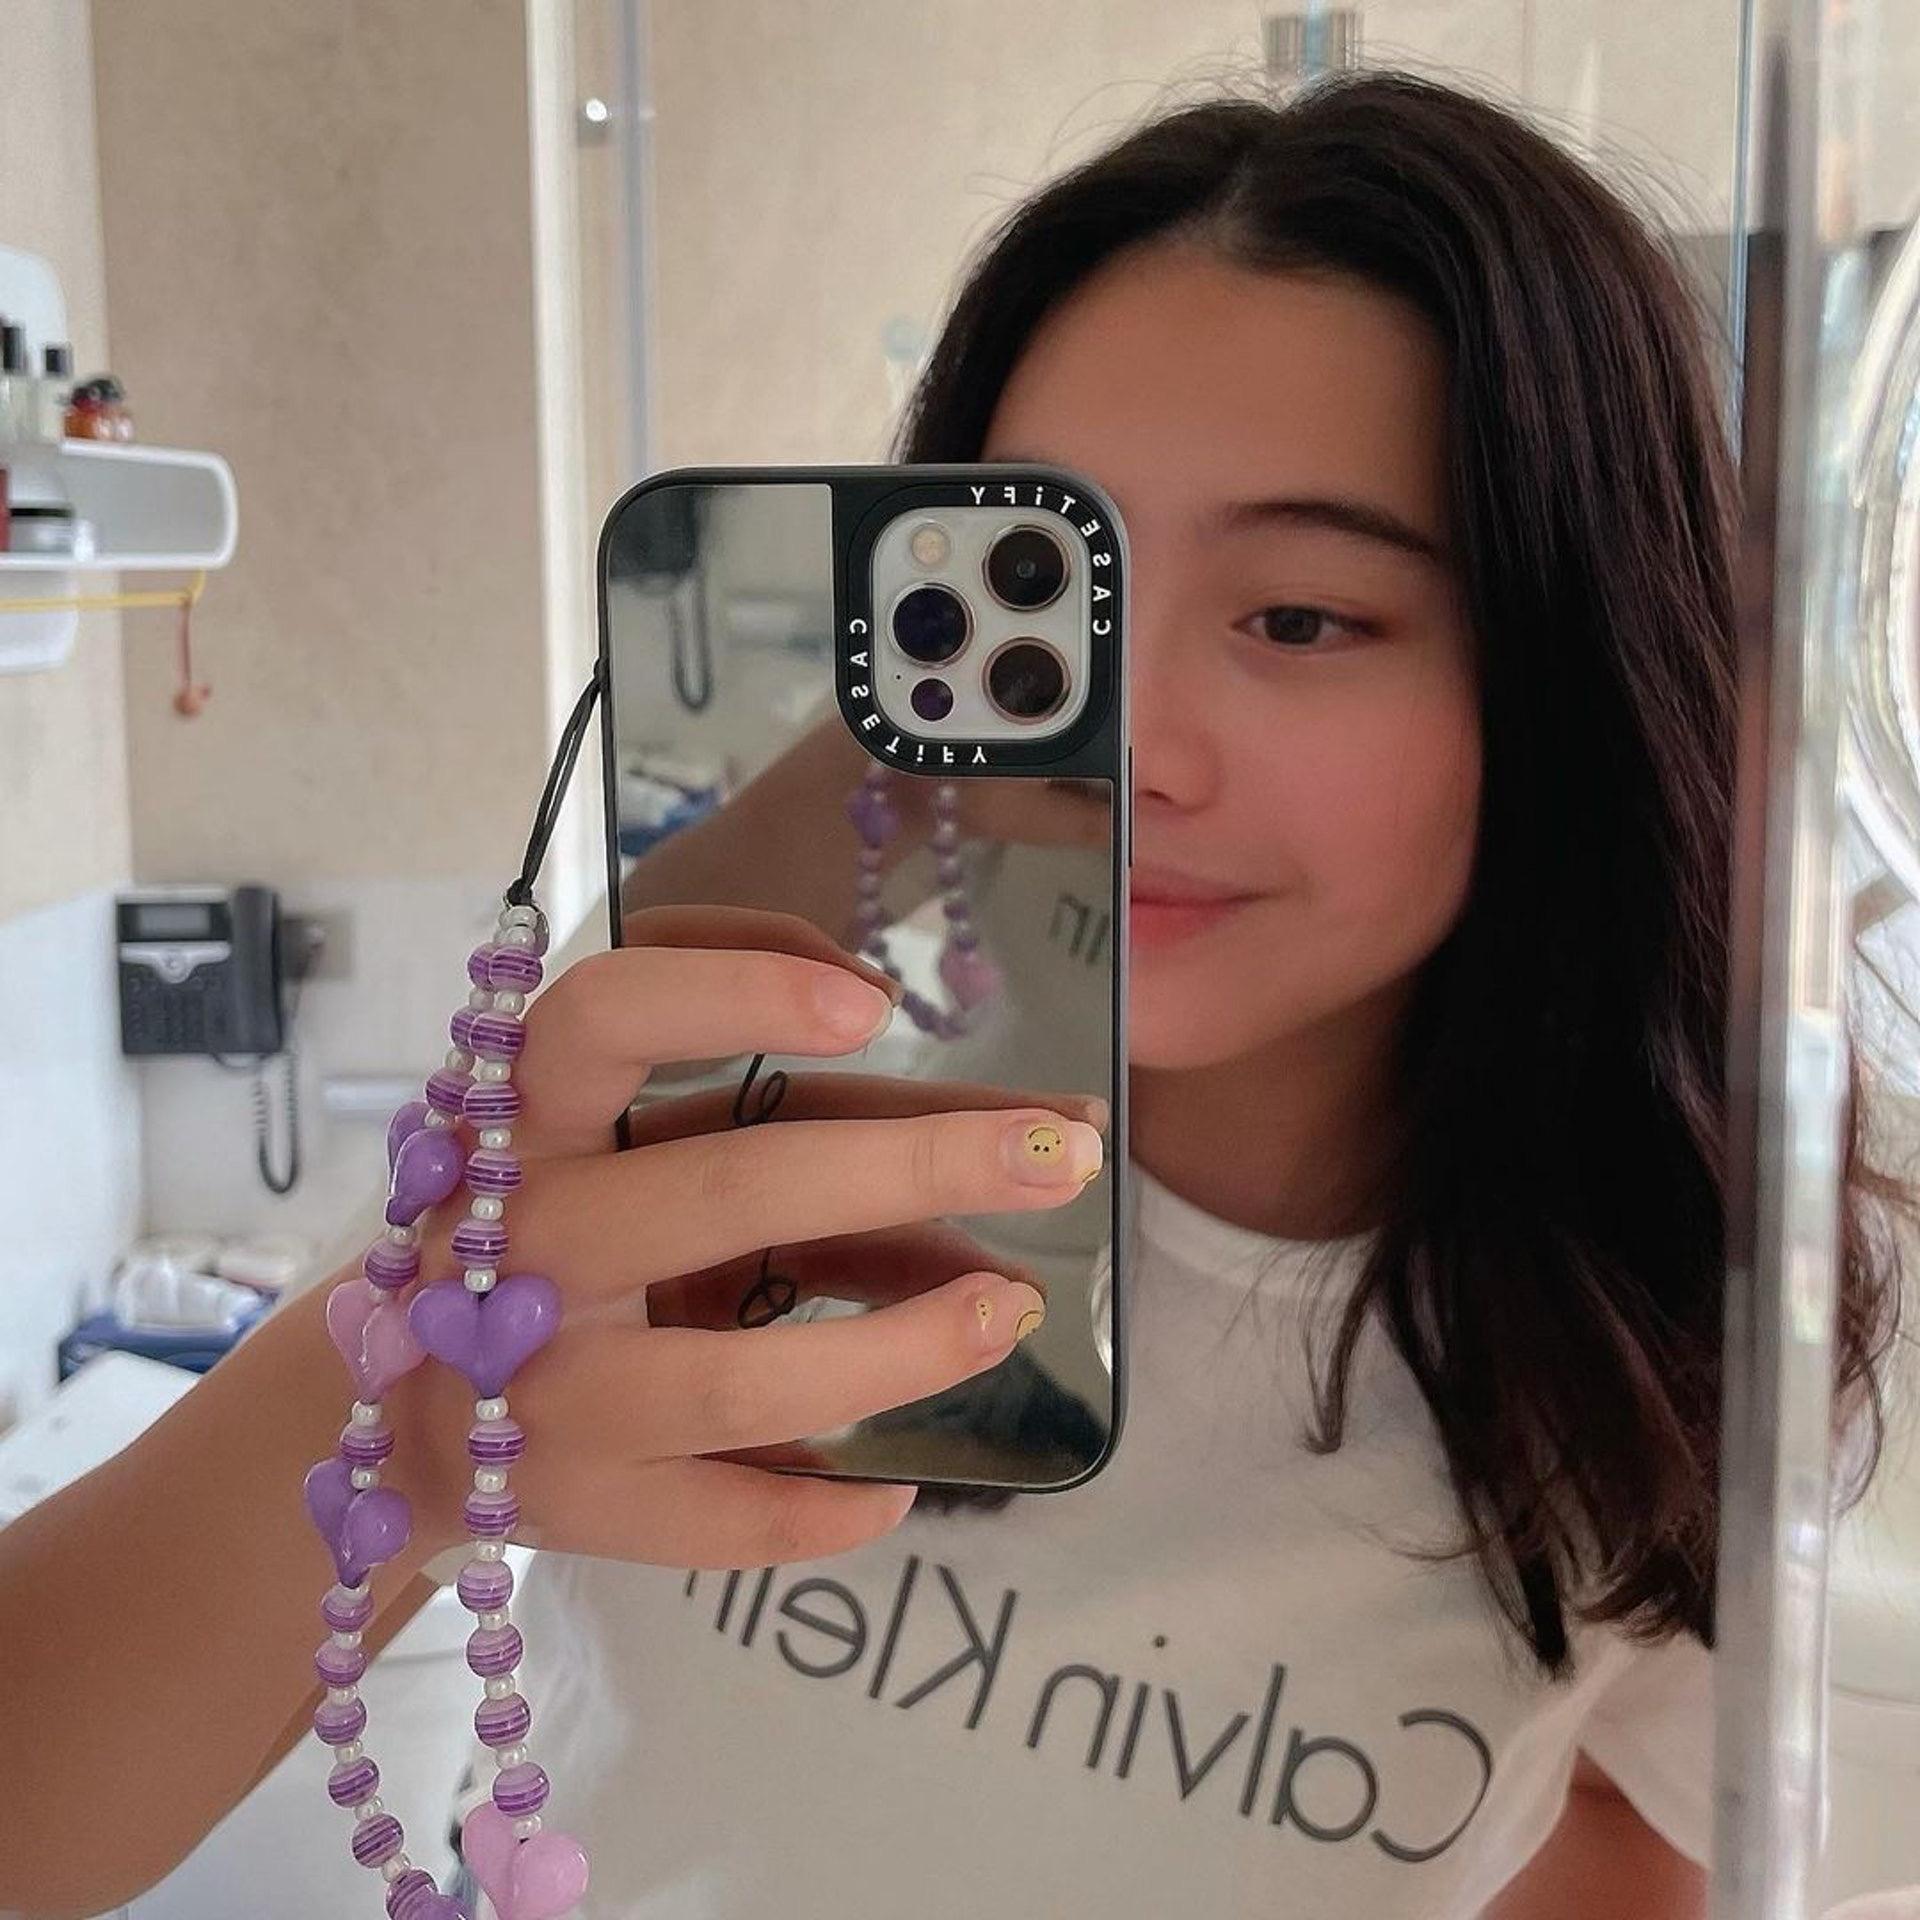 甘比12岁长女罕见晒近照,减肥已初见成效,深受大刘喜爱身家百亿